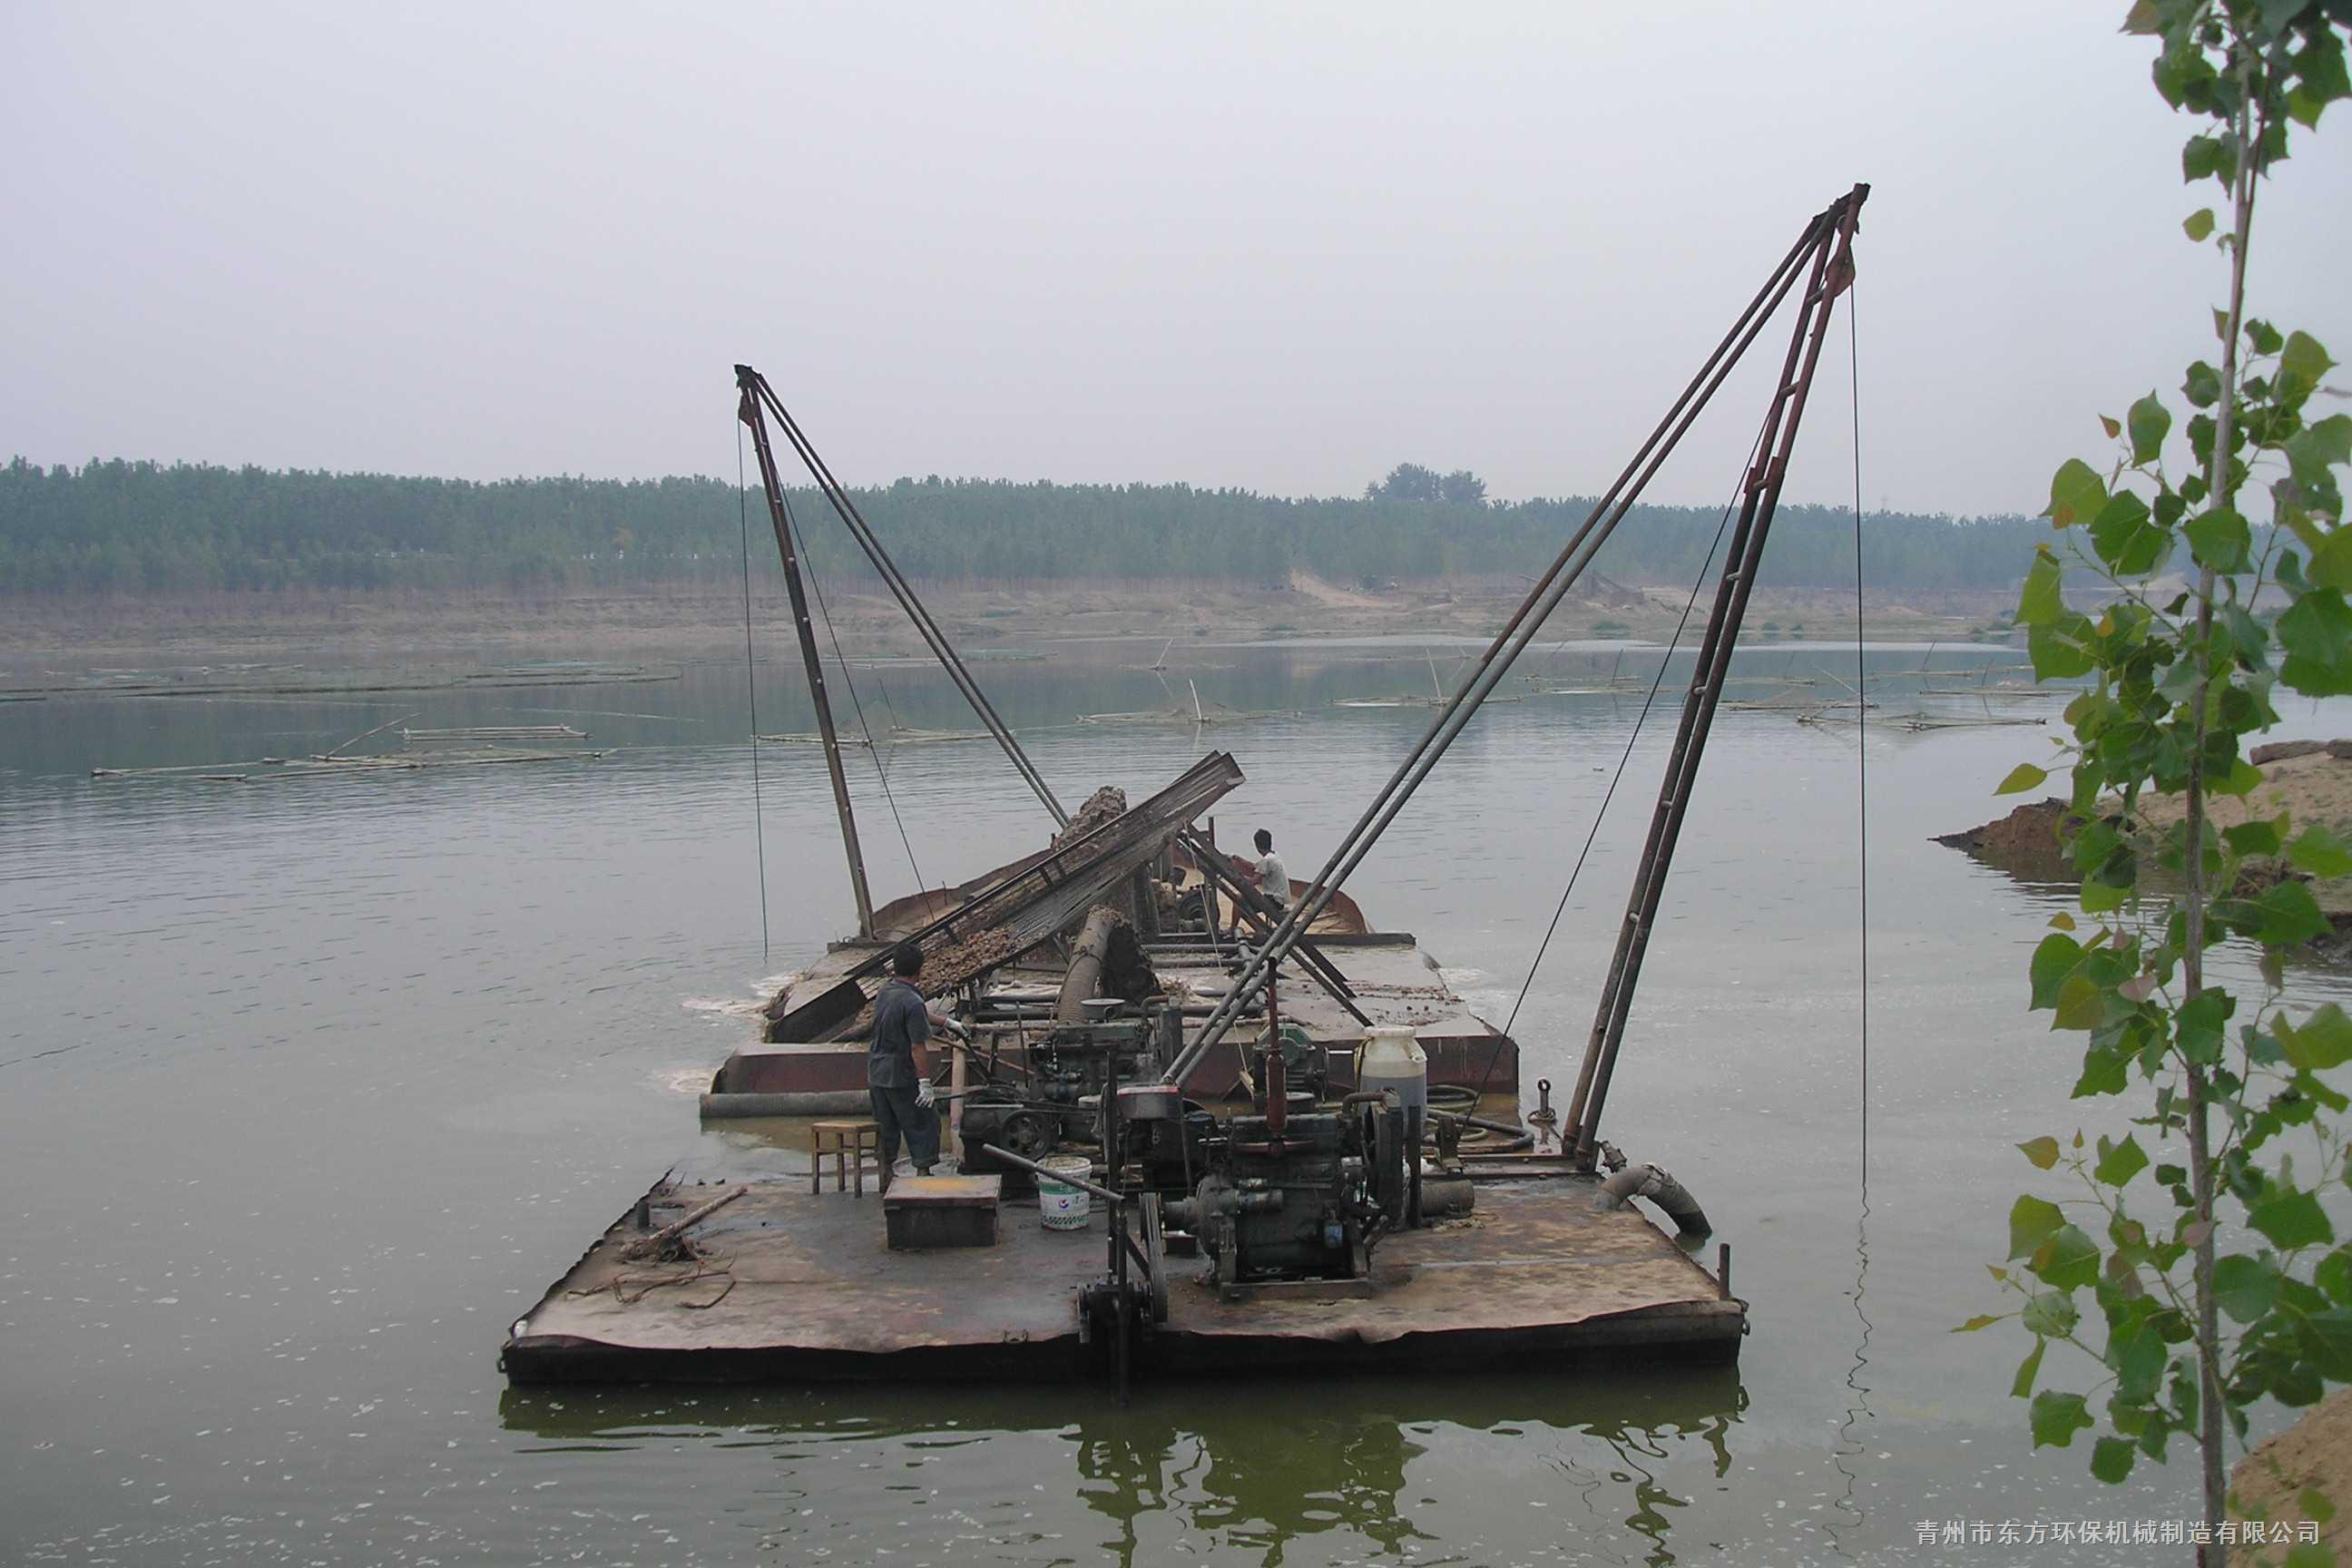 【小型挖泥清淤船】、小型挖泥清淤船专题-中国供应商